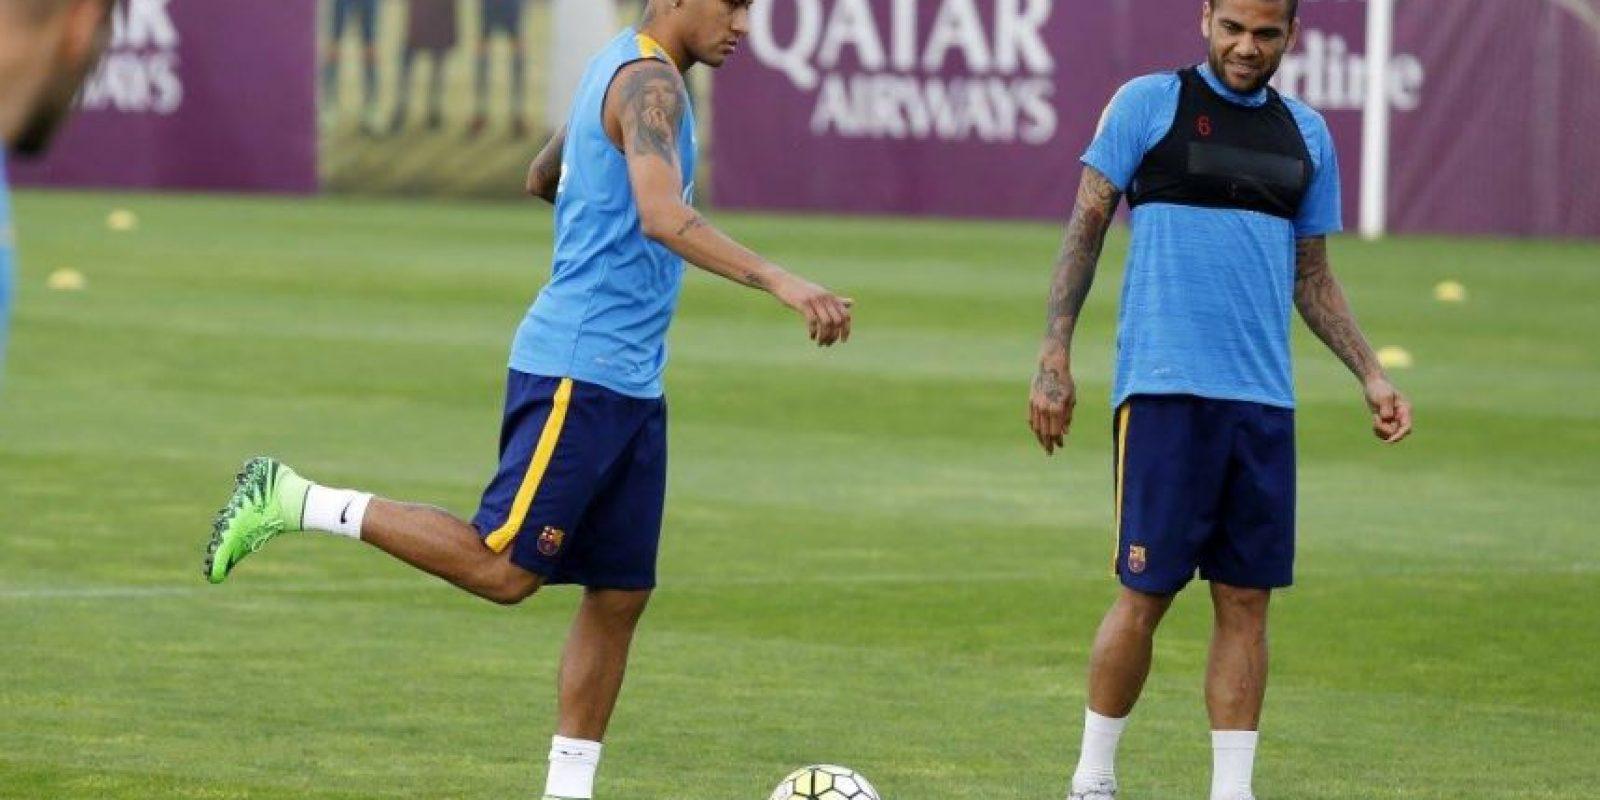 Este 22 de agosto, el brasileño apareció en el entreno, tras sufrir de paperas. Foto:Vía facebook.com/fcbarcelona